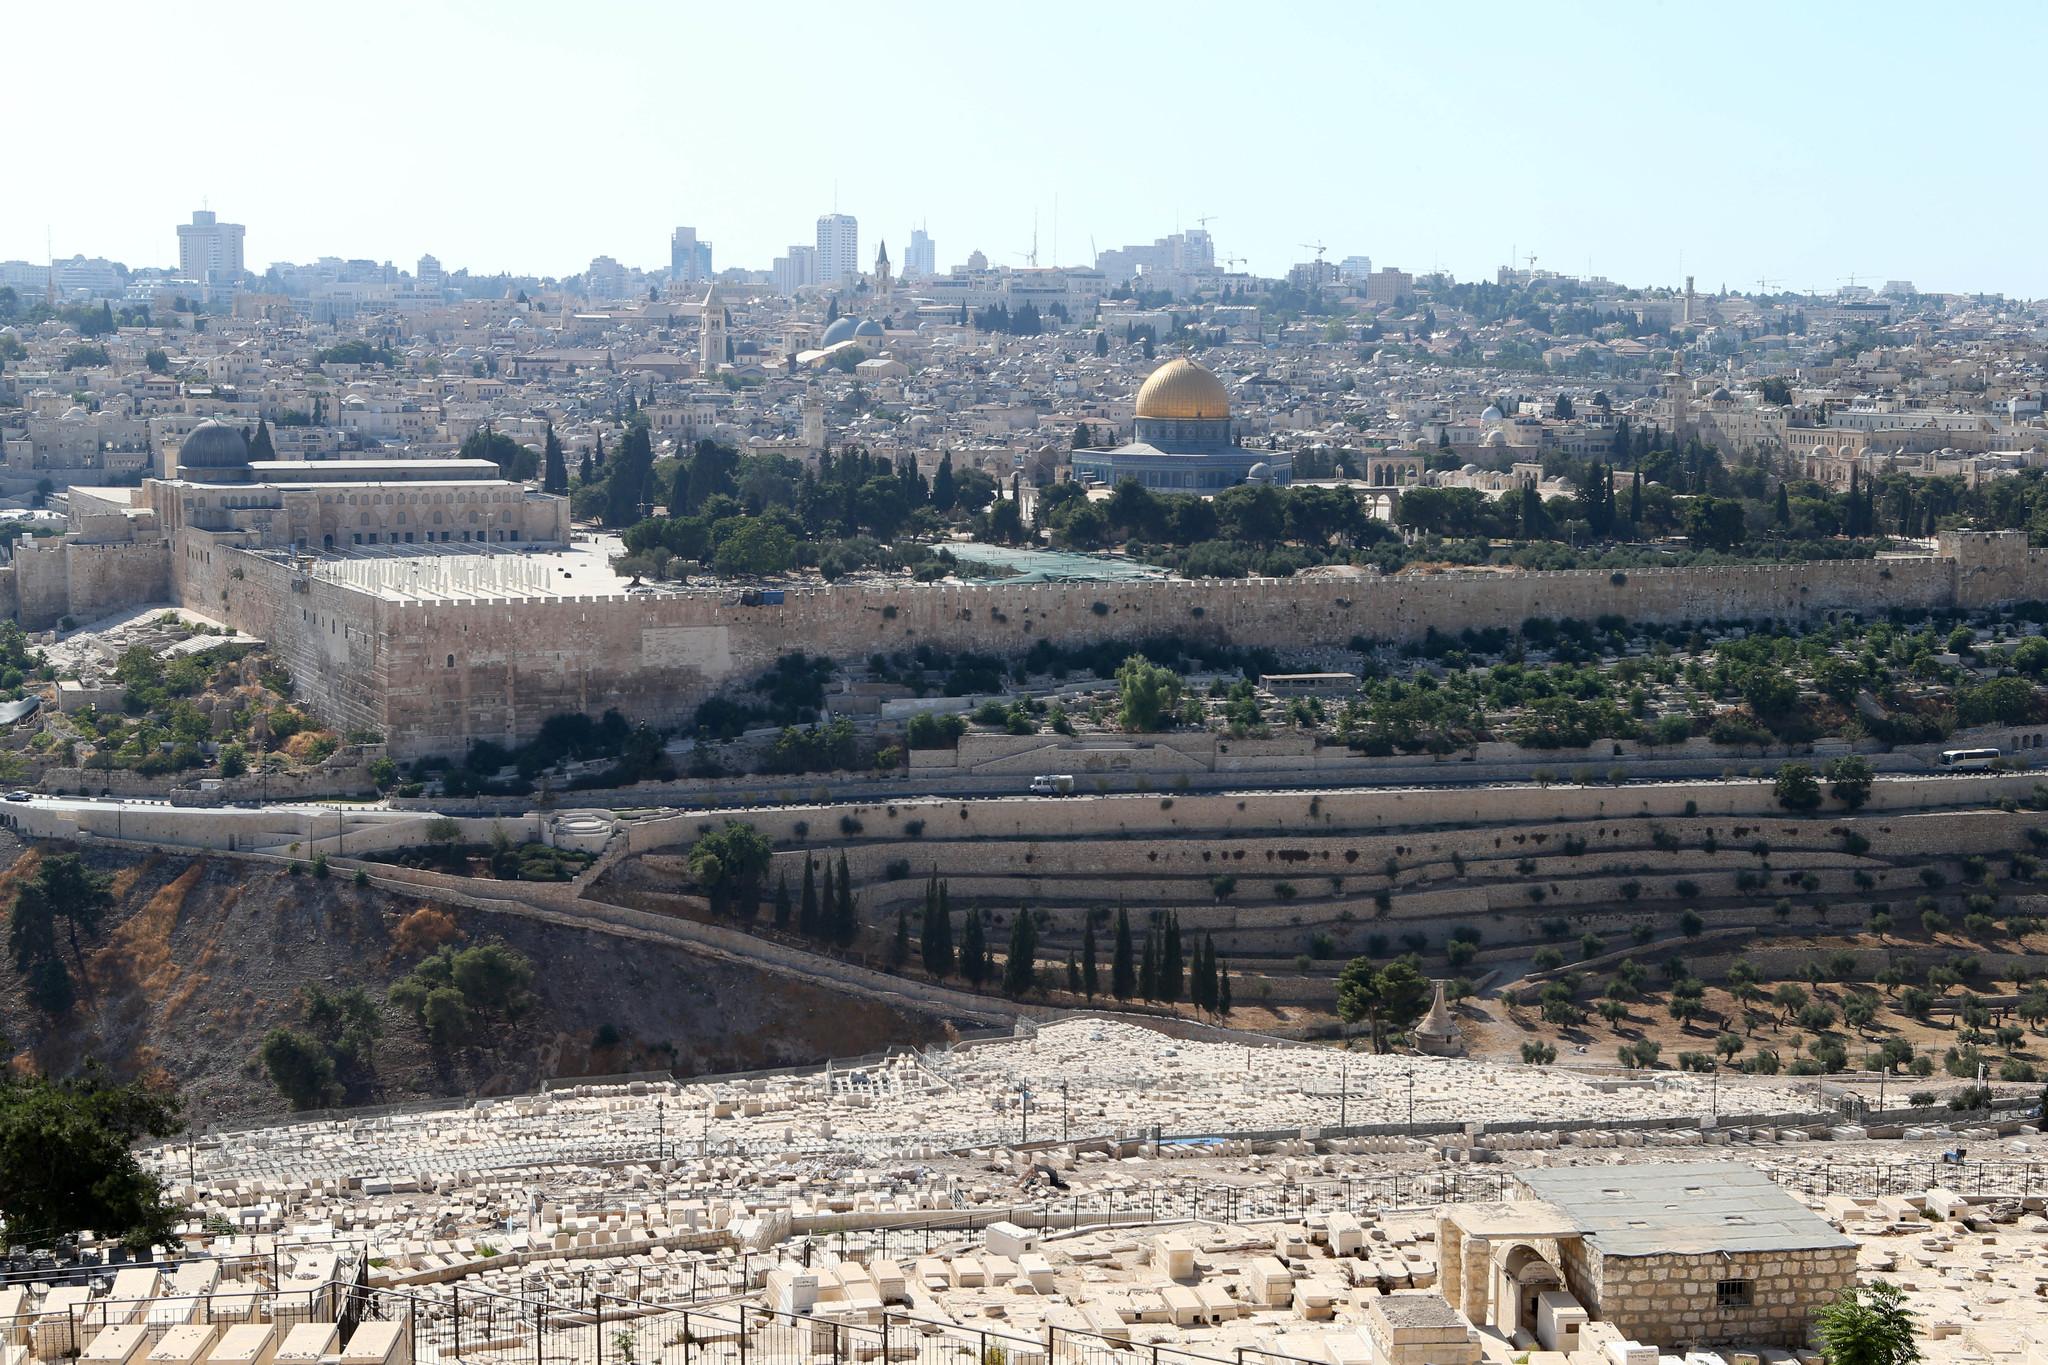 아! 예루살렘. 예루살렘 올리브 산에 있는 유대인 묘지에서 바라본 구시가지의 성전산 모습. 가운데 황금빛 돔은 '바위의 돔(Dome of the Rock)'이고, 왼쪽 작은 회색 돔은 '알 아크사 모스크(Al-Aqsa Mosque)'의 지붕이다. 두 곳 다 이슬람의 성지다. 두 돔 사이 공간의 뒷쪽이 유대인의 성지인 '통곡의 벽'이다 . 성전산은 3000년 전 솔로몬 왕이 건립한 제1 성전과 이후 들어선 제2 성전이 있던 곳이다. [중앙포토]